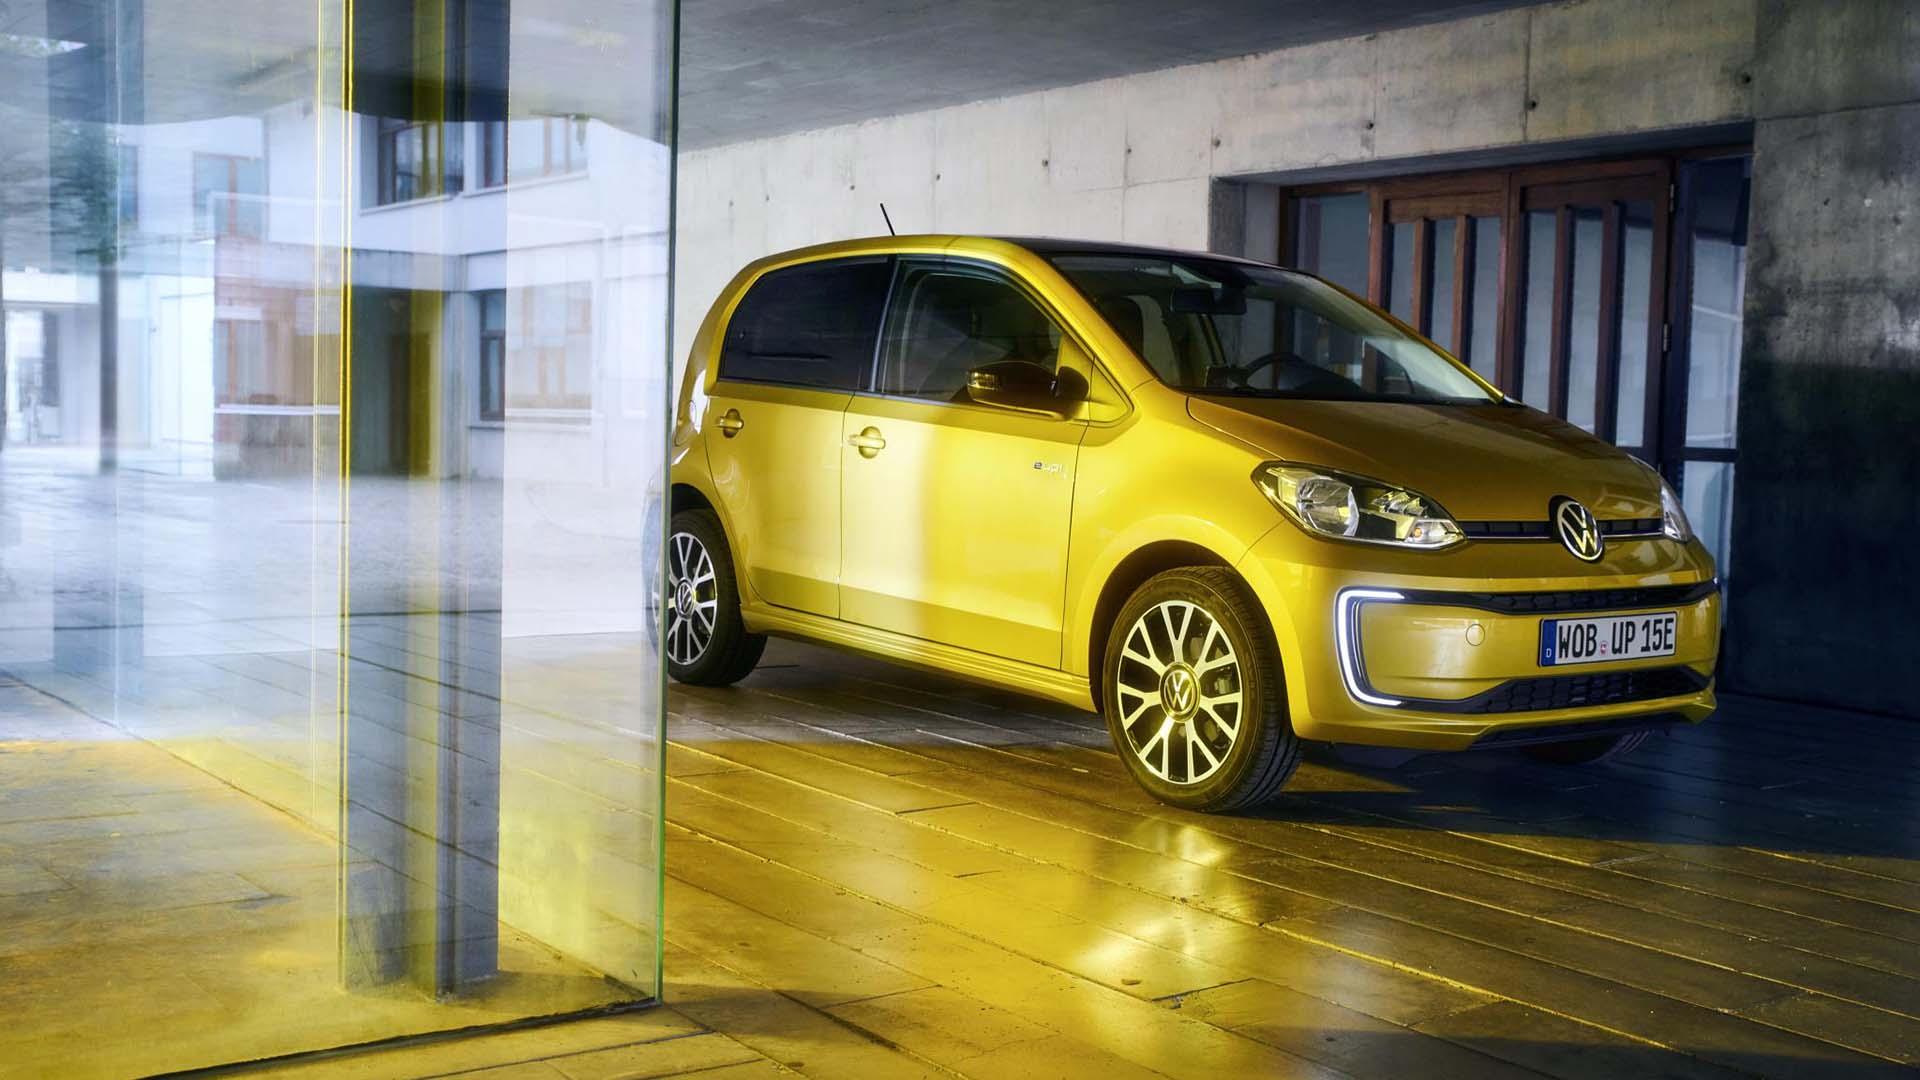 Volkswagen e-Up – 159 miles